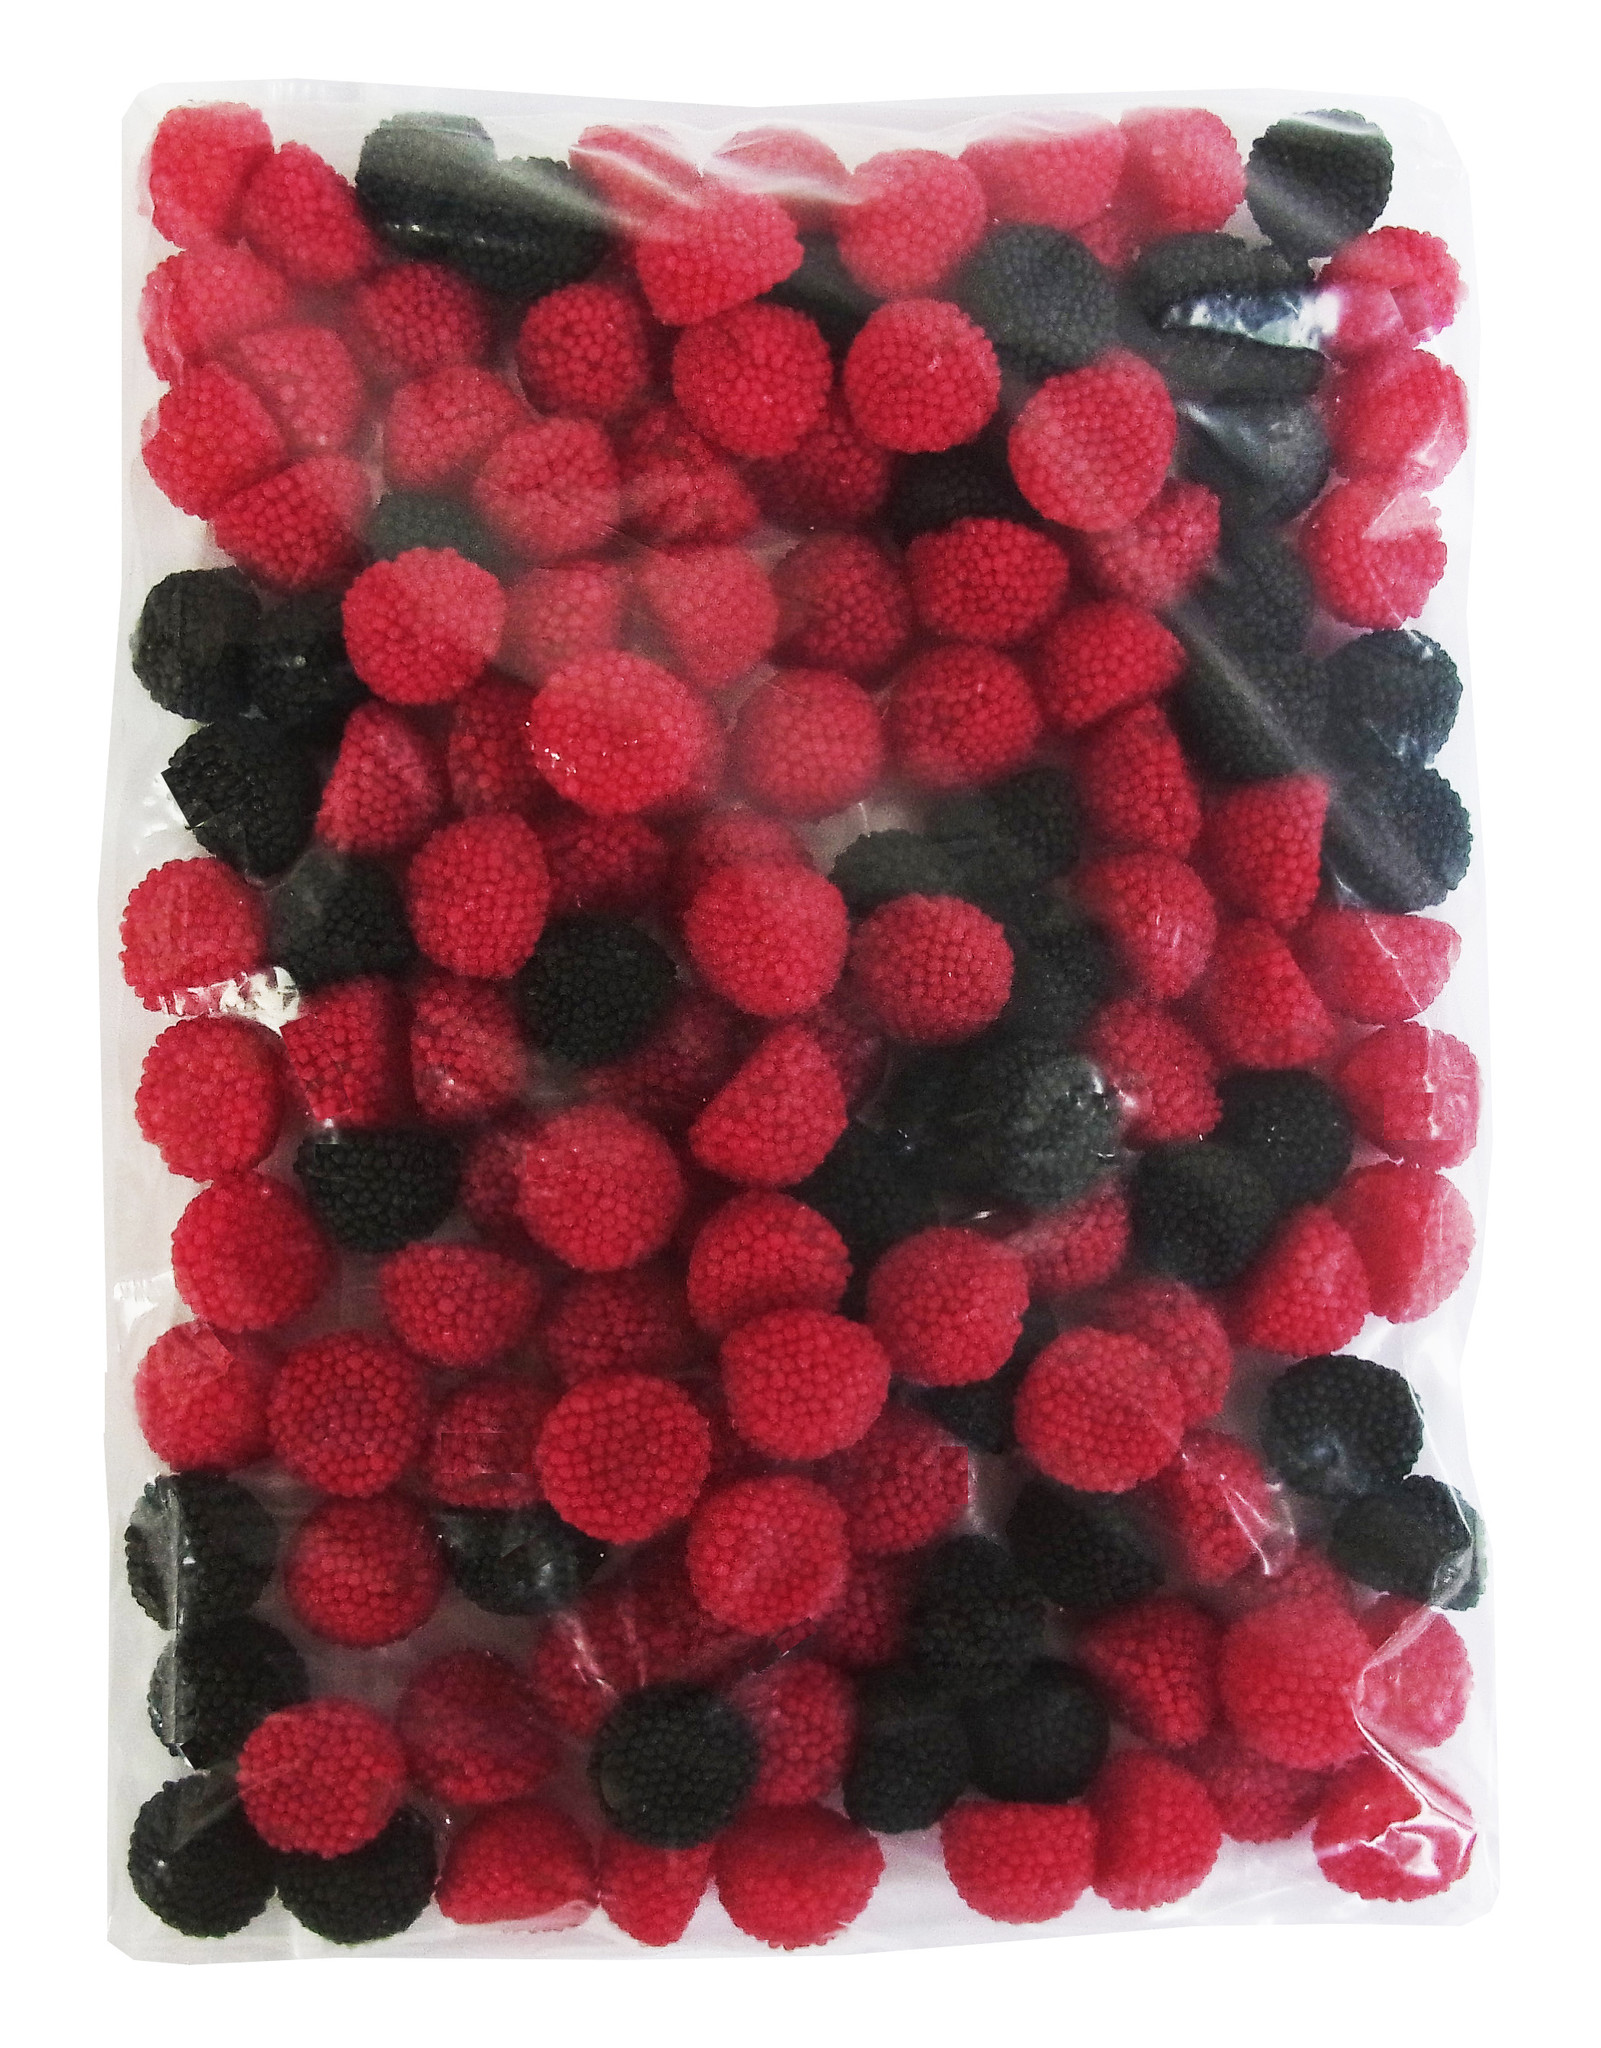 CAPTAIN PLAY Brom- & Himbeeren Gelee - Fruchtgummi 1kg